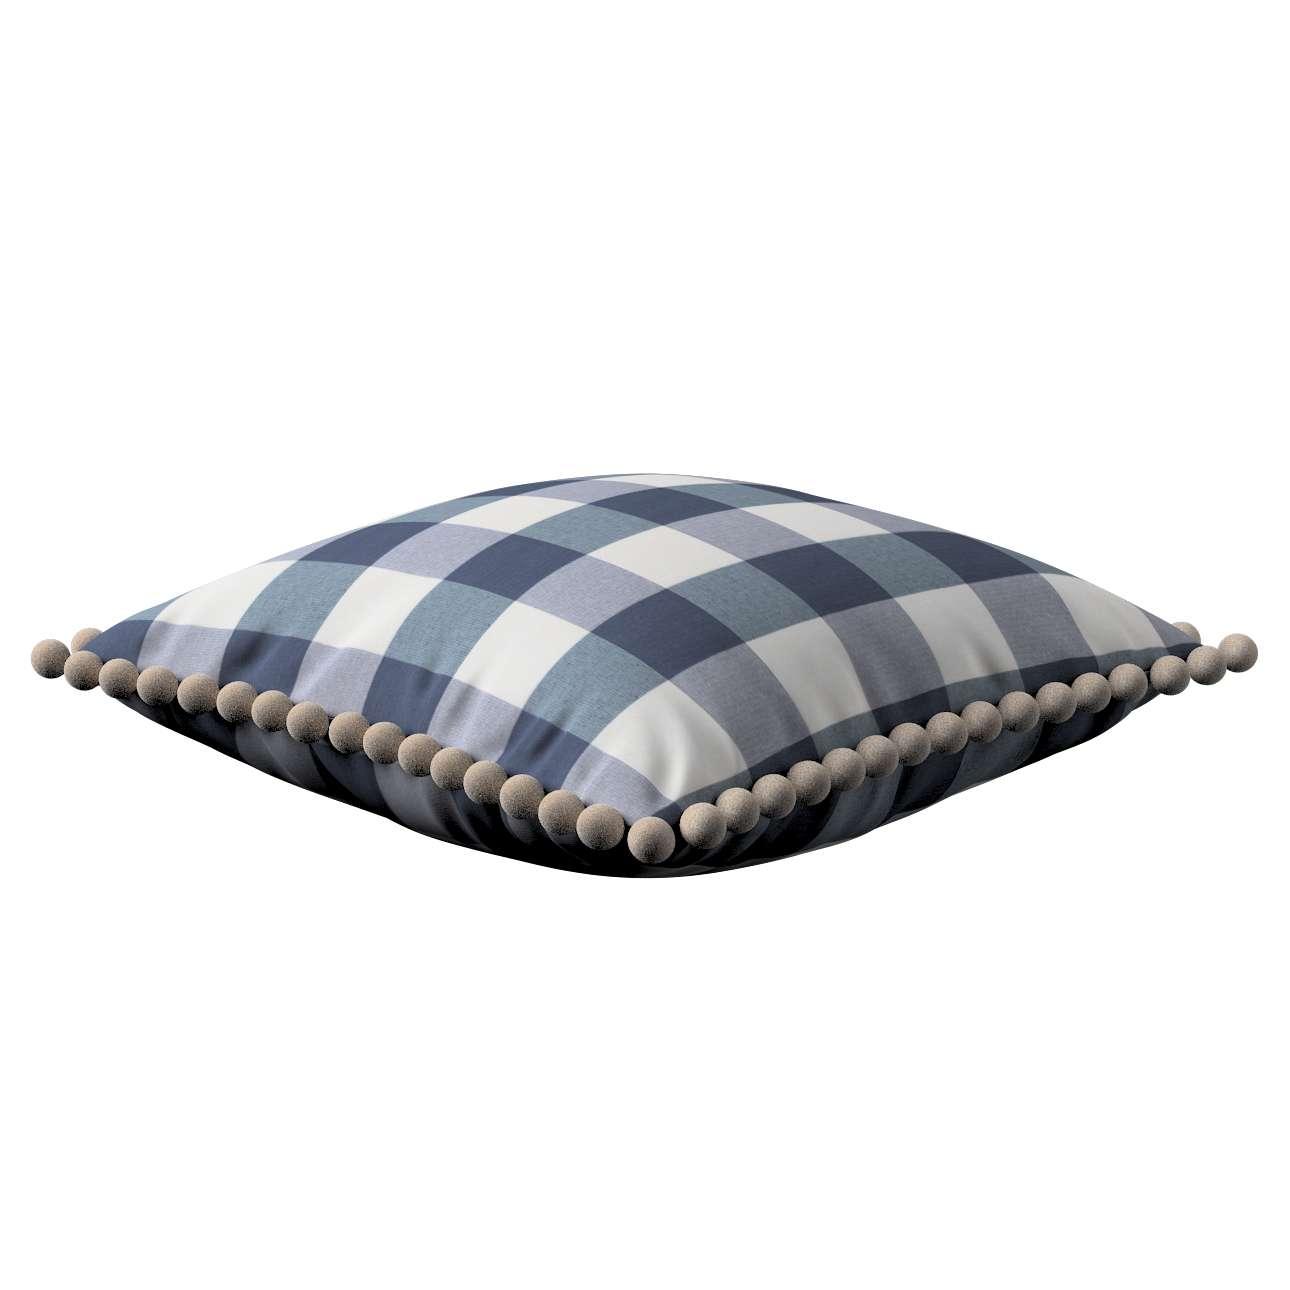 Wera dekoratyvinės pagalvėlės užvalkalas su žaismingais kraštais 45 x 45 cm kolekcijoje Quadro, audinys: 136-03